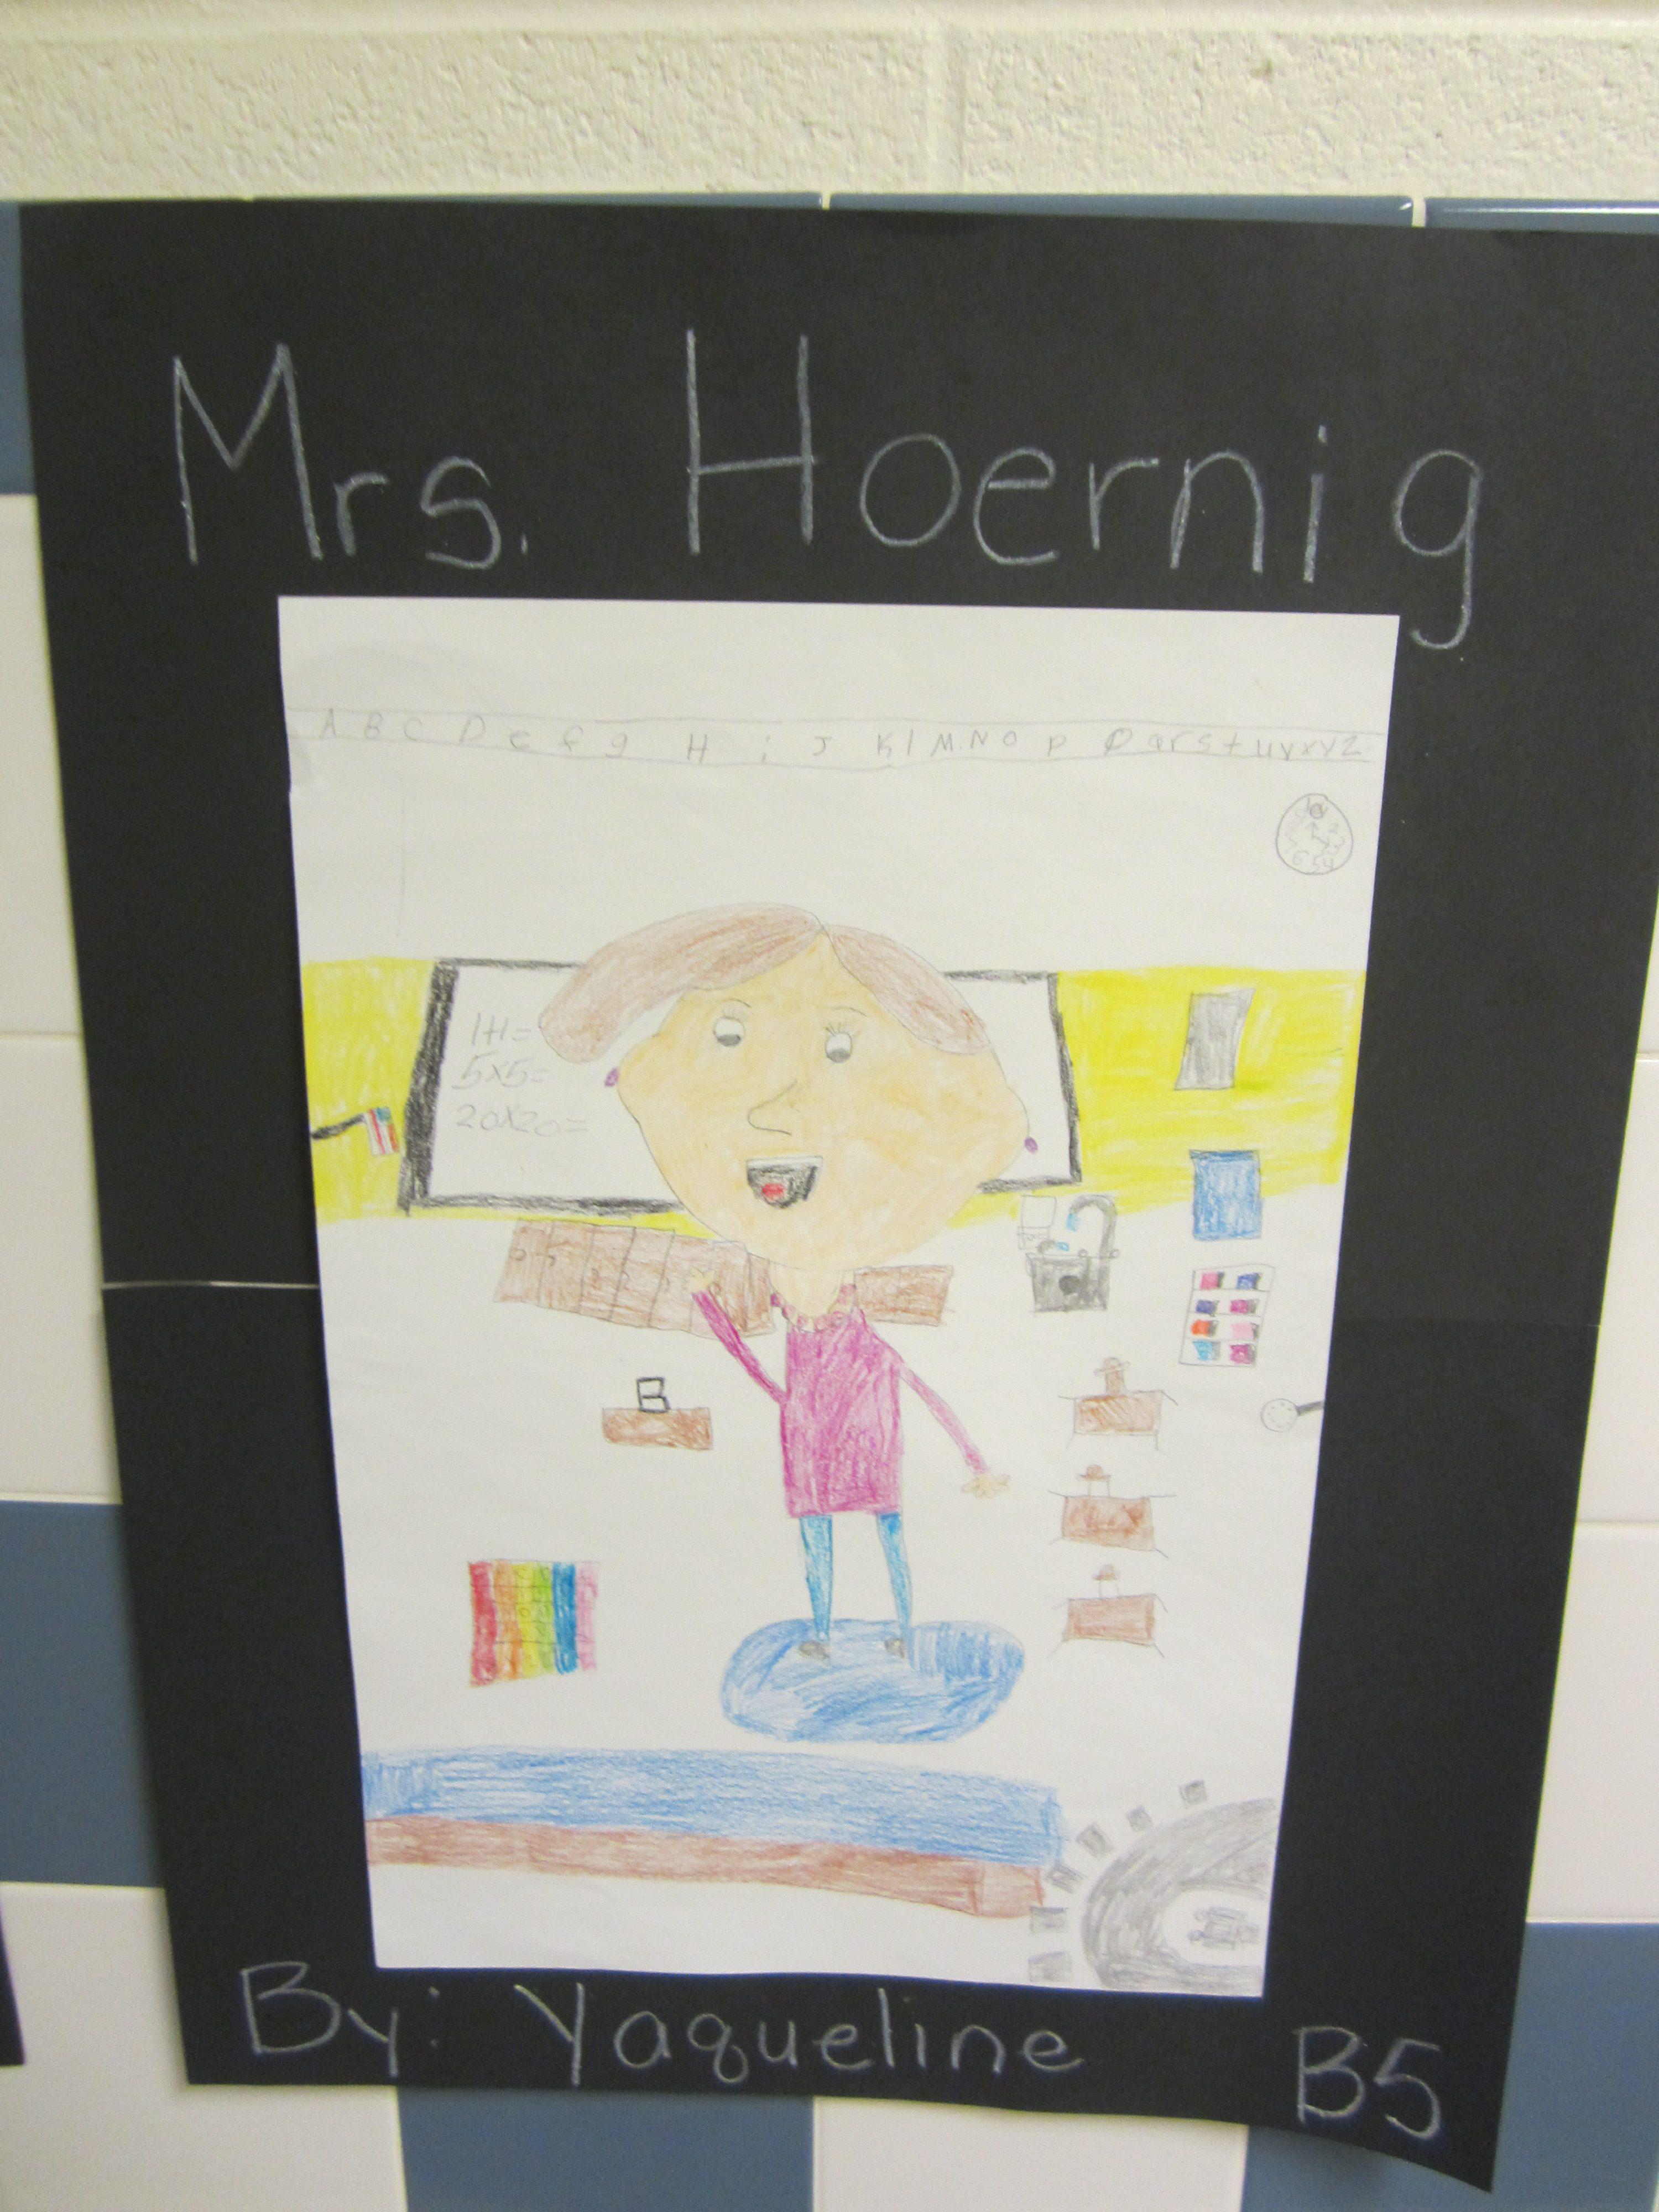 Portrait of a teacher